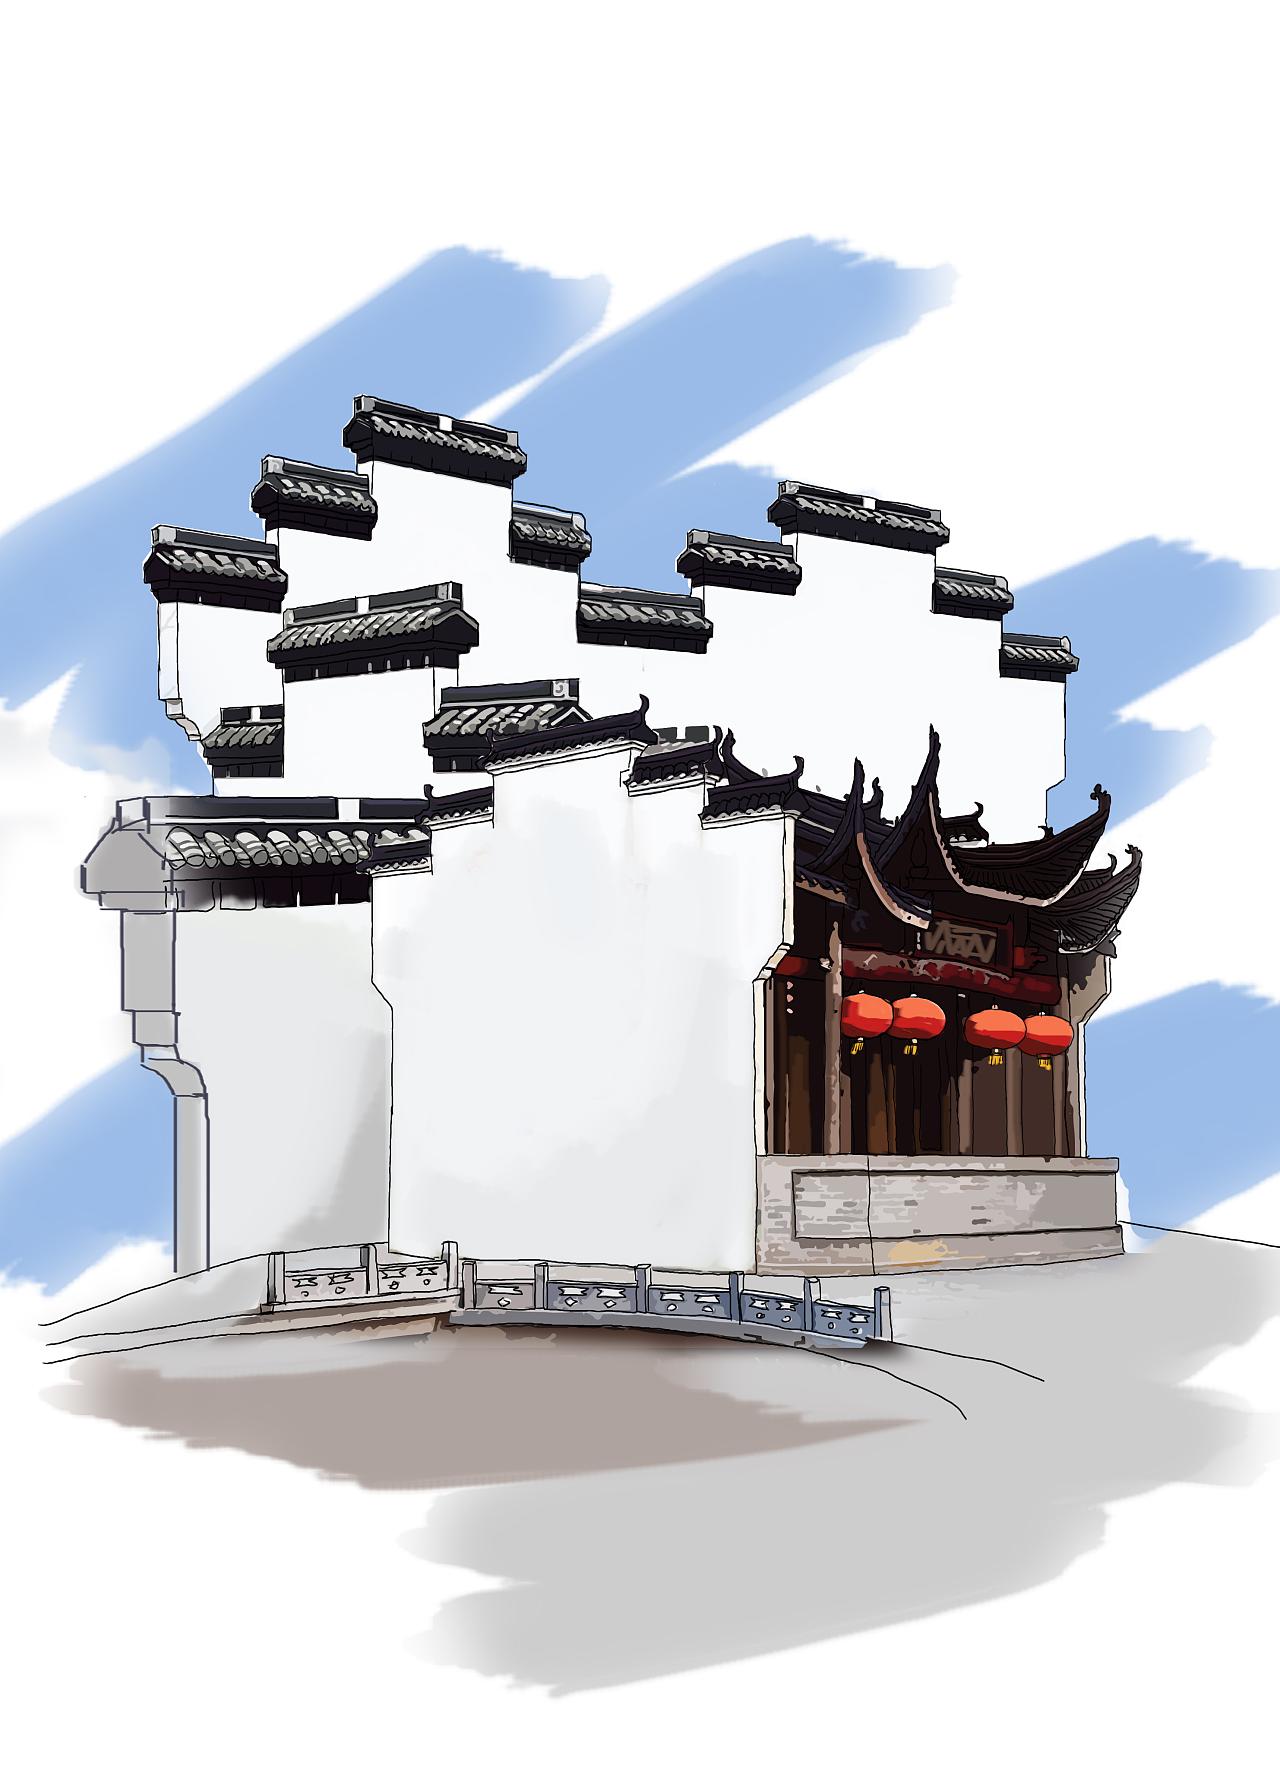 34省标志建筑物——第1批